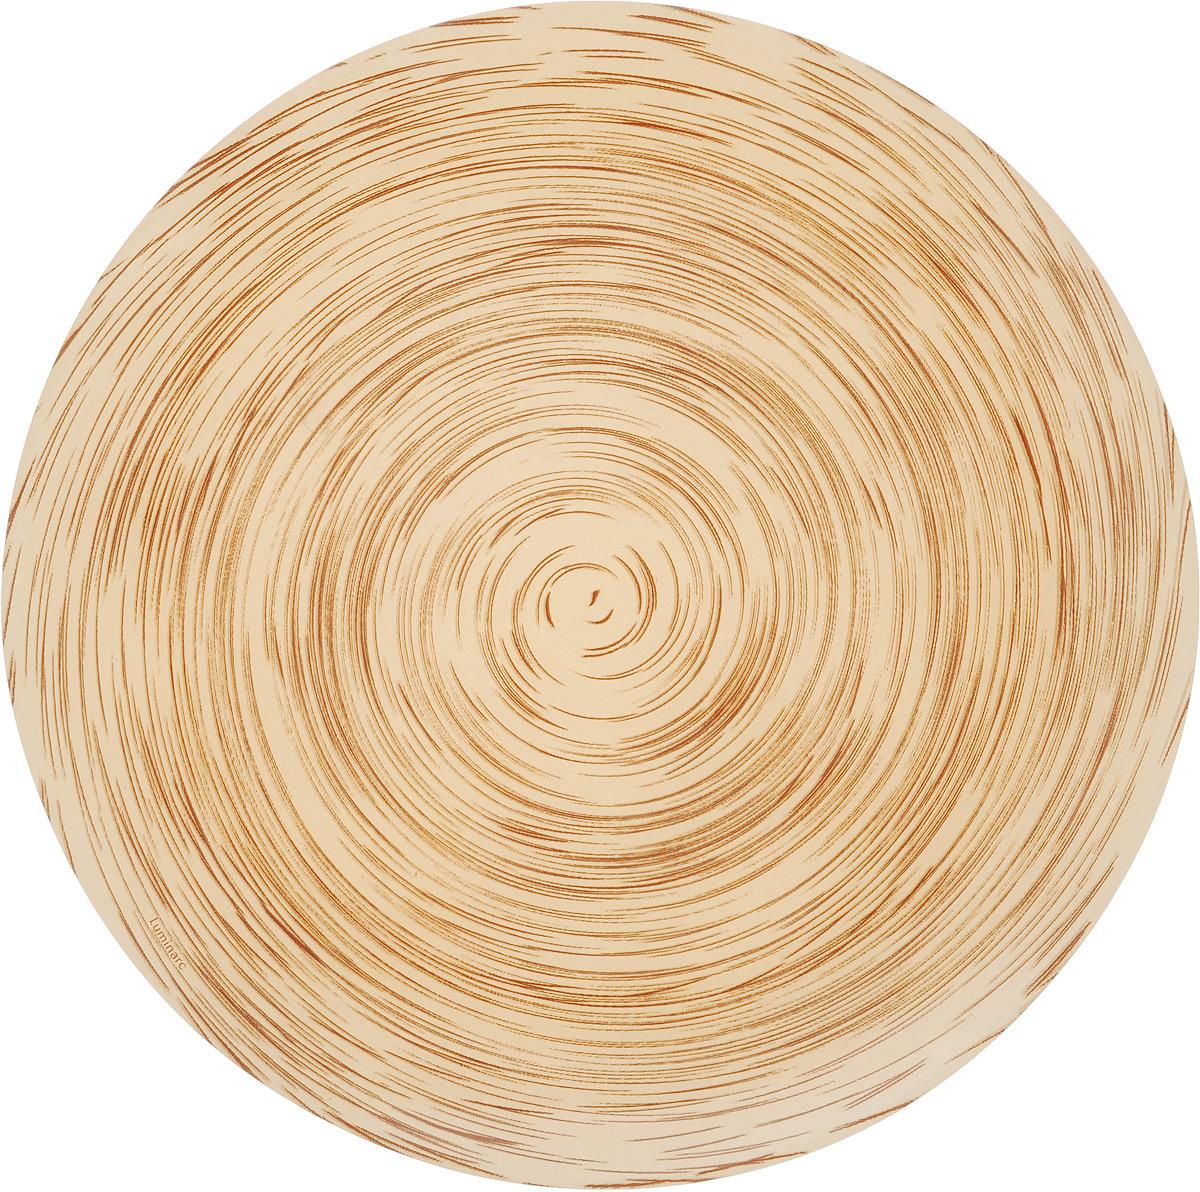 Тарелка обеденная Luminarc Stonemania Cappuccino, диаметр 25 смLCS353/2/PF-M-ALОбеденная тарелка Luminarc Stonemania Cappuccino,изготовленная из высококачественного стекла, имеетизысканный внешний вид.Такая тарелка прекрасно подходит как для торжественныхслучаев, так и для повседневного использования.Идеальна для подачи десертов, пирожных, тортов имногого другого. Она прекрасно оформит стол и станетотличным дополнением к вашей коллекции кухоннойпосуды. Можно мыть в посудомоечной машине.